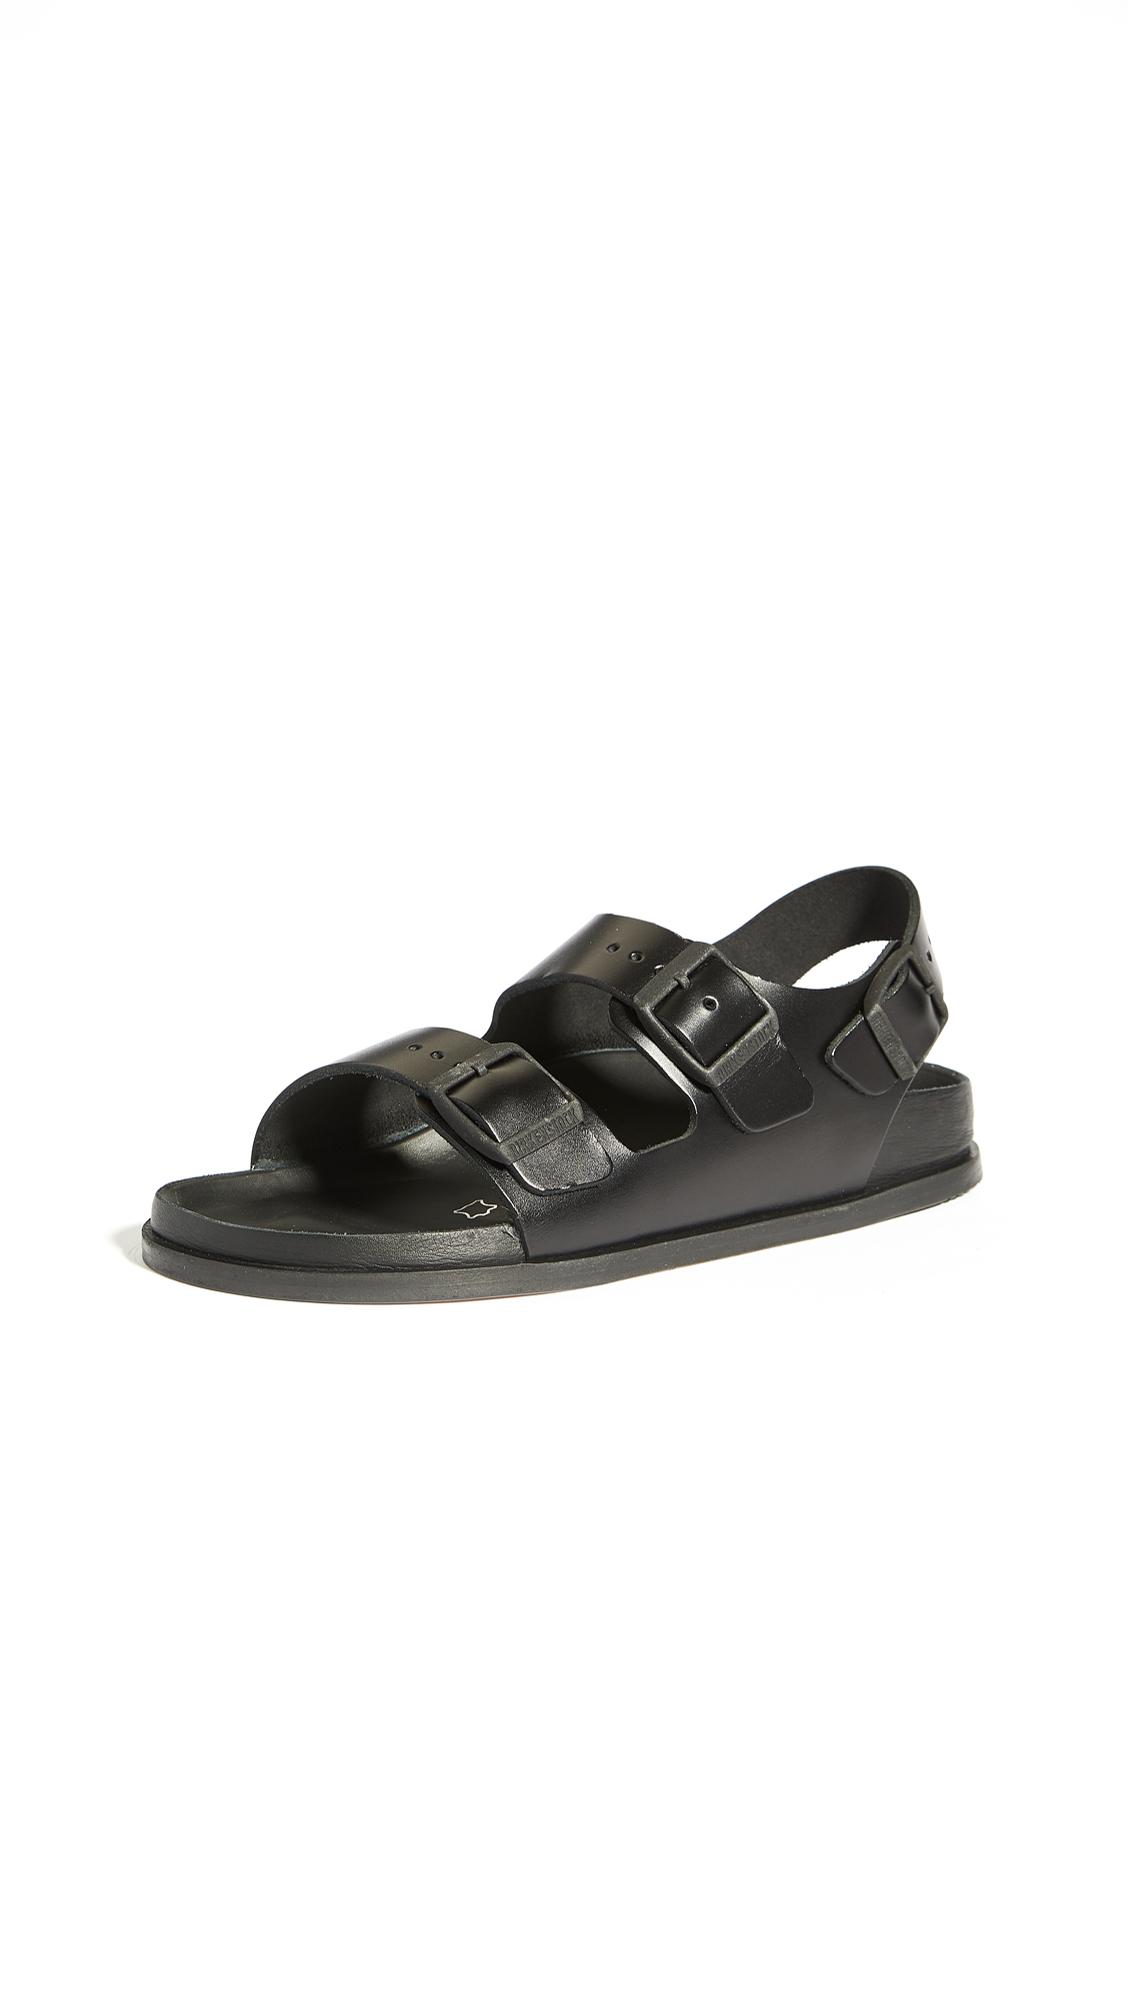 Birkenstock 1774 Milano Sandals - Narrow